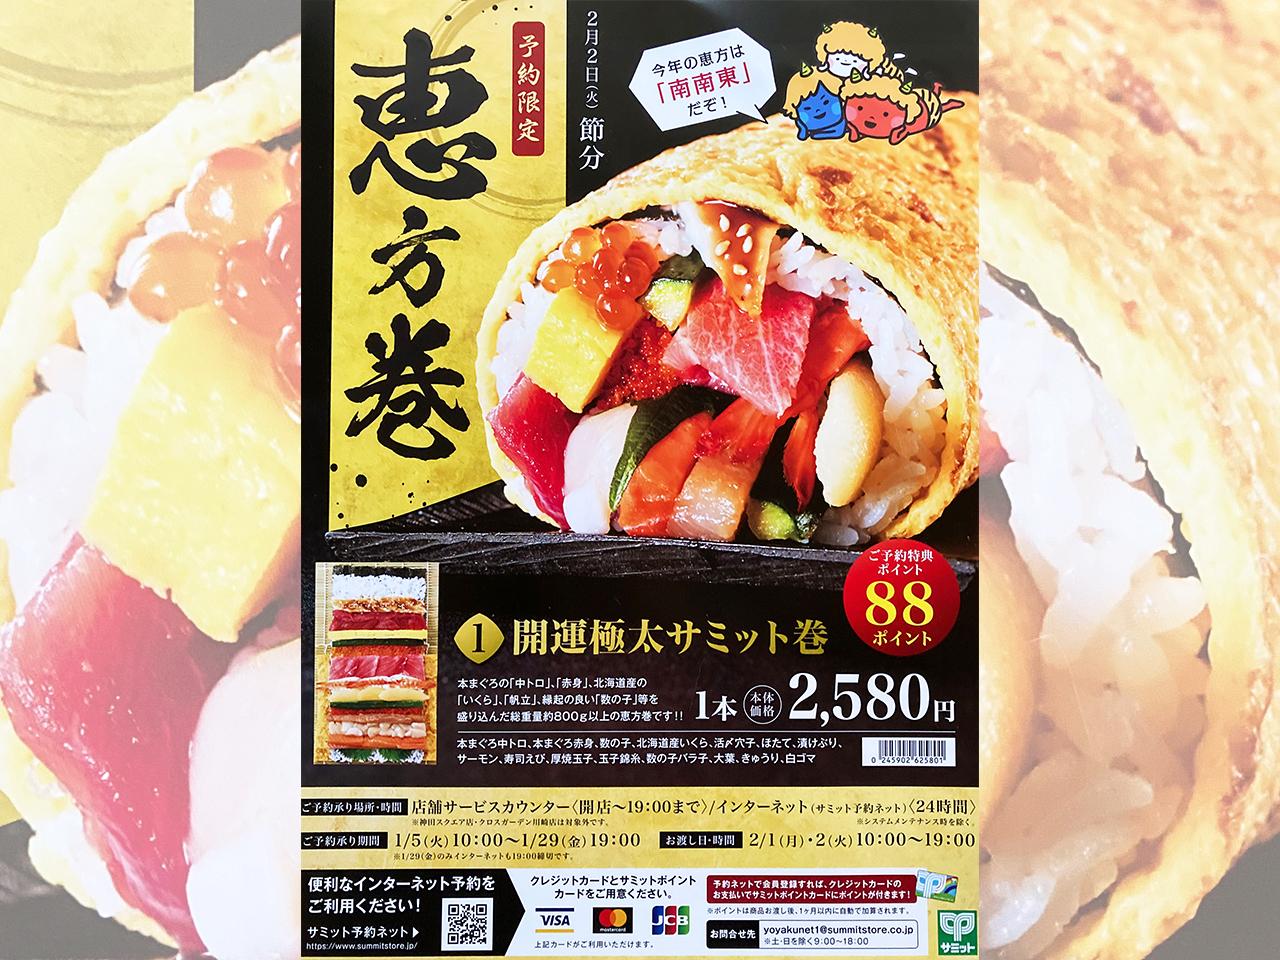 薄シャリ盛ネタ♪進化したスーパーマーケットの『恵方巻』がスゴイ!